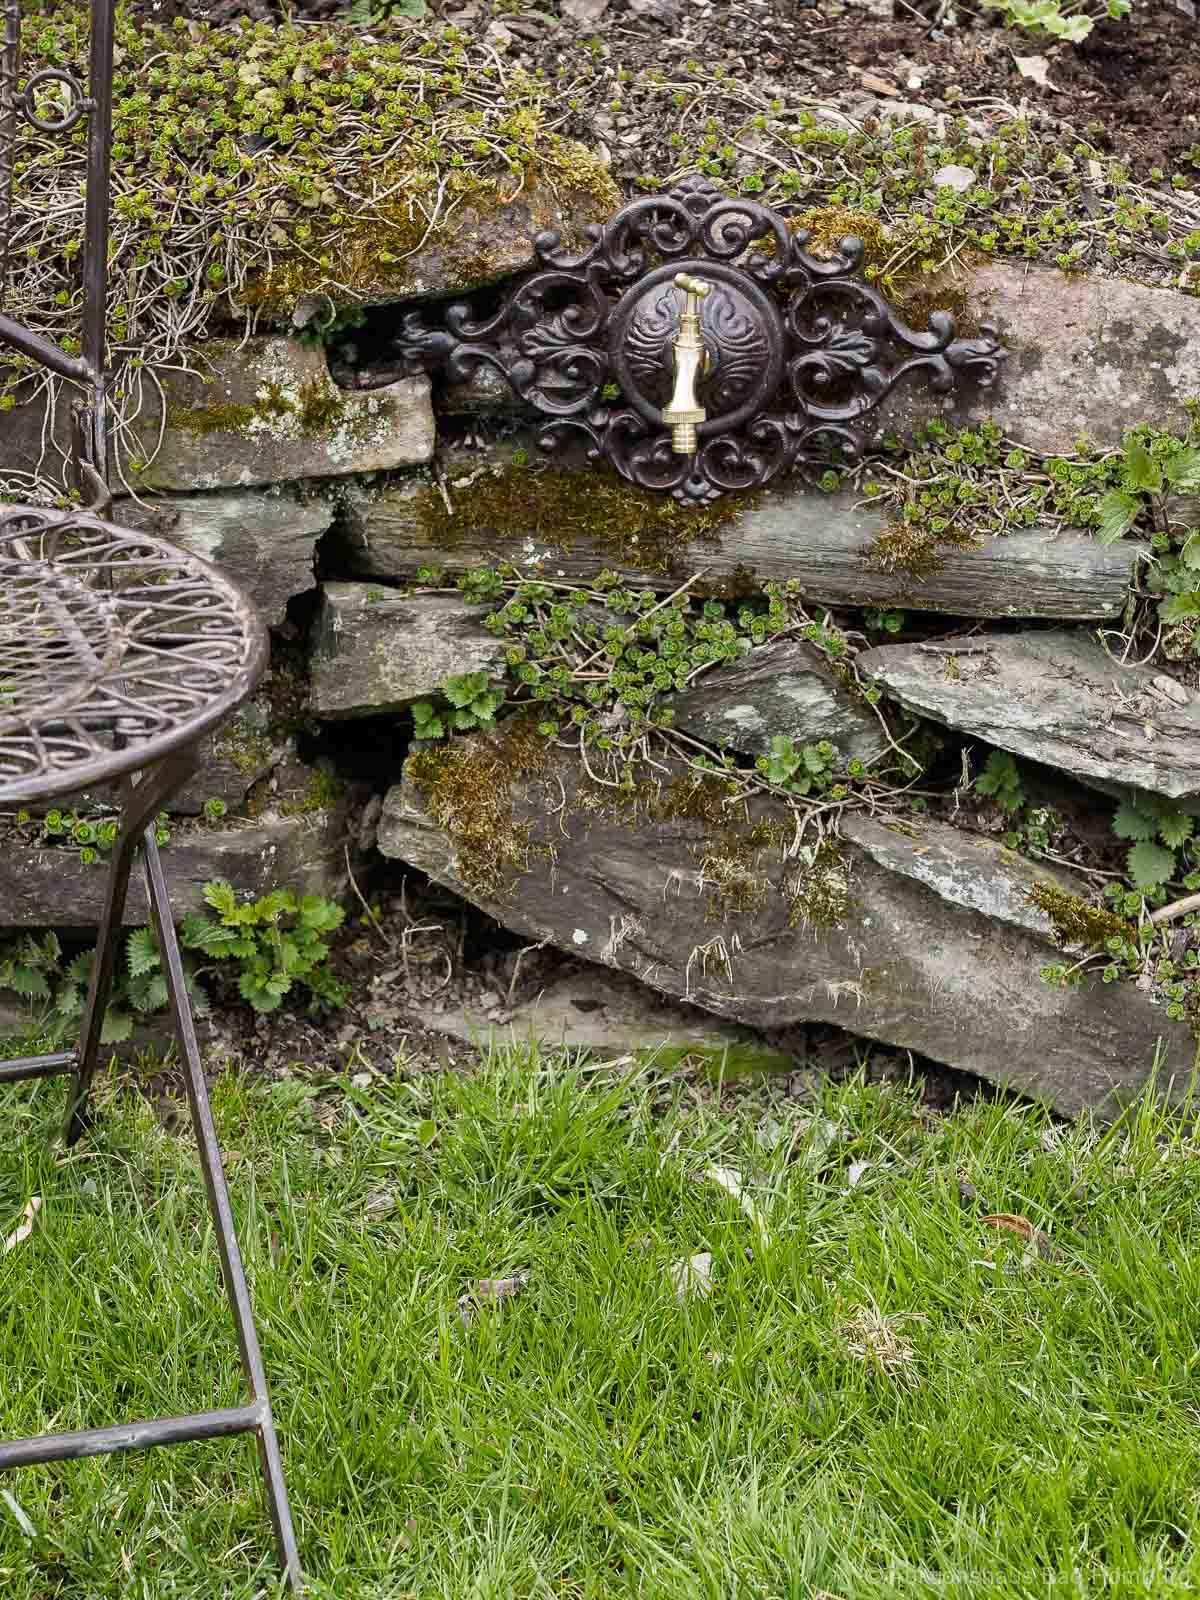 Nostalgie Wasseranschluss Zierrosette Eisen Wasserhahn Garten Haus